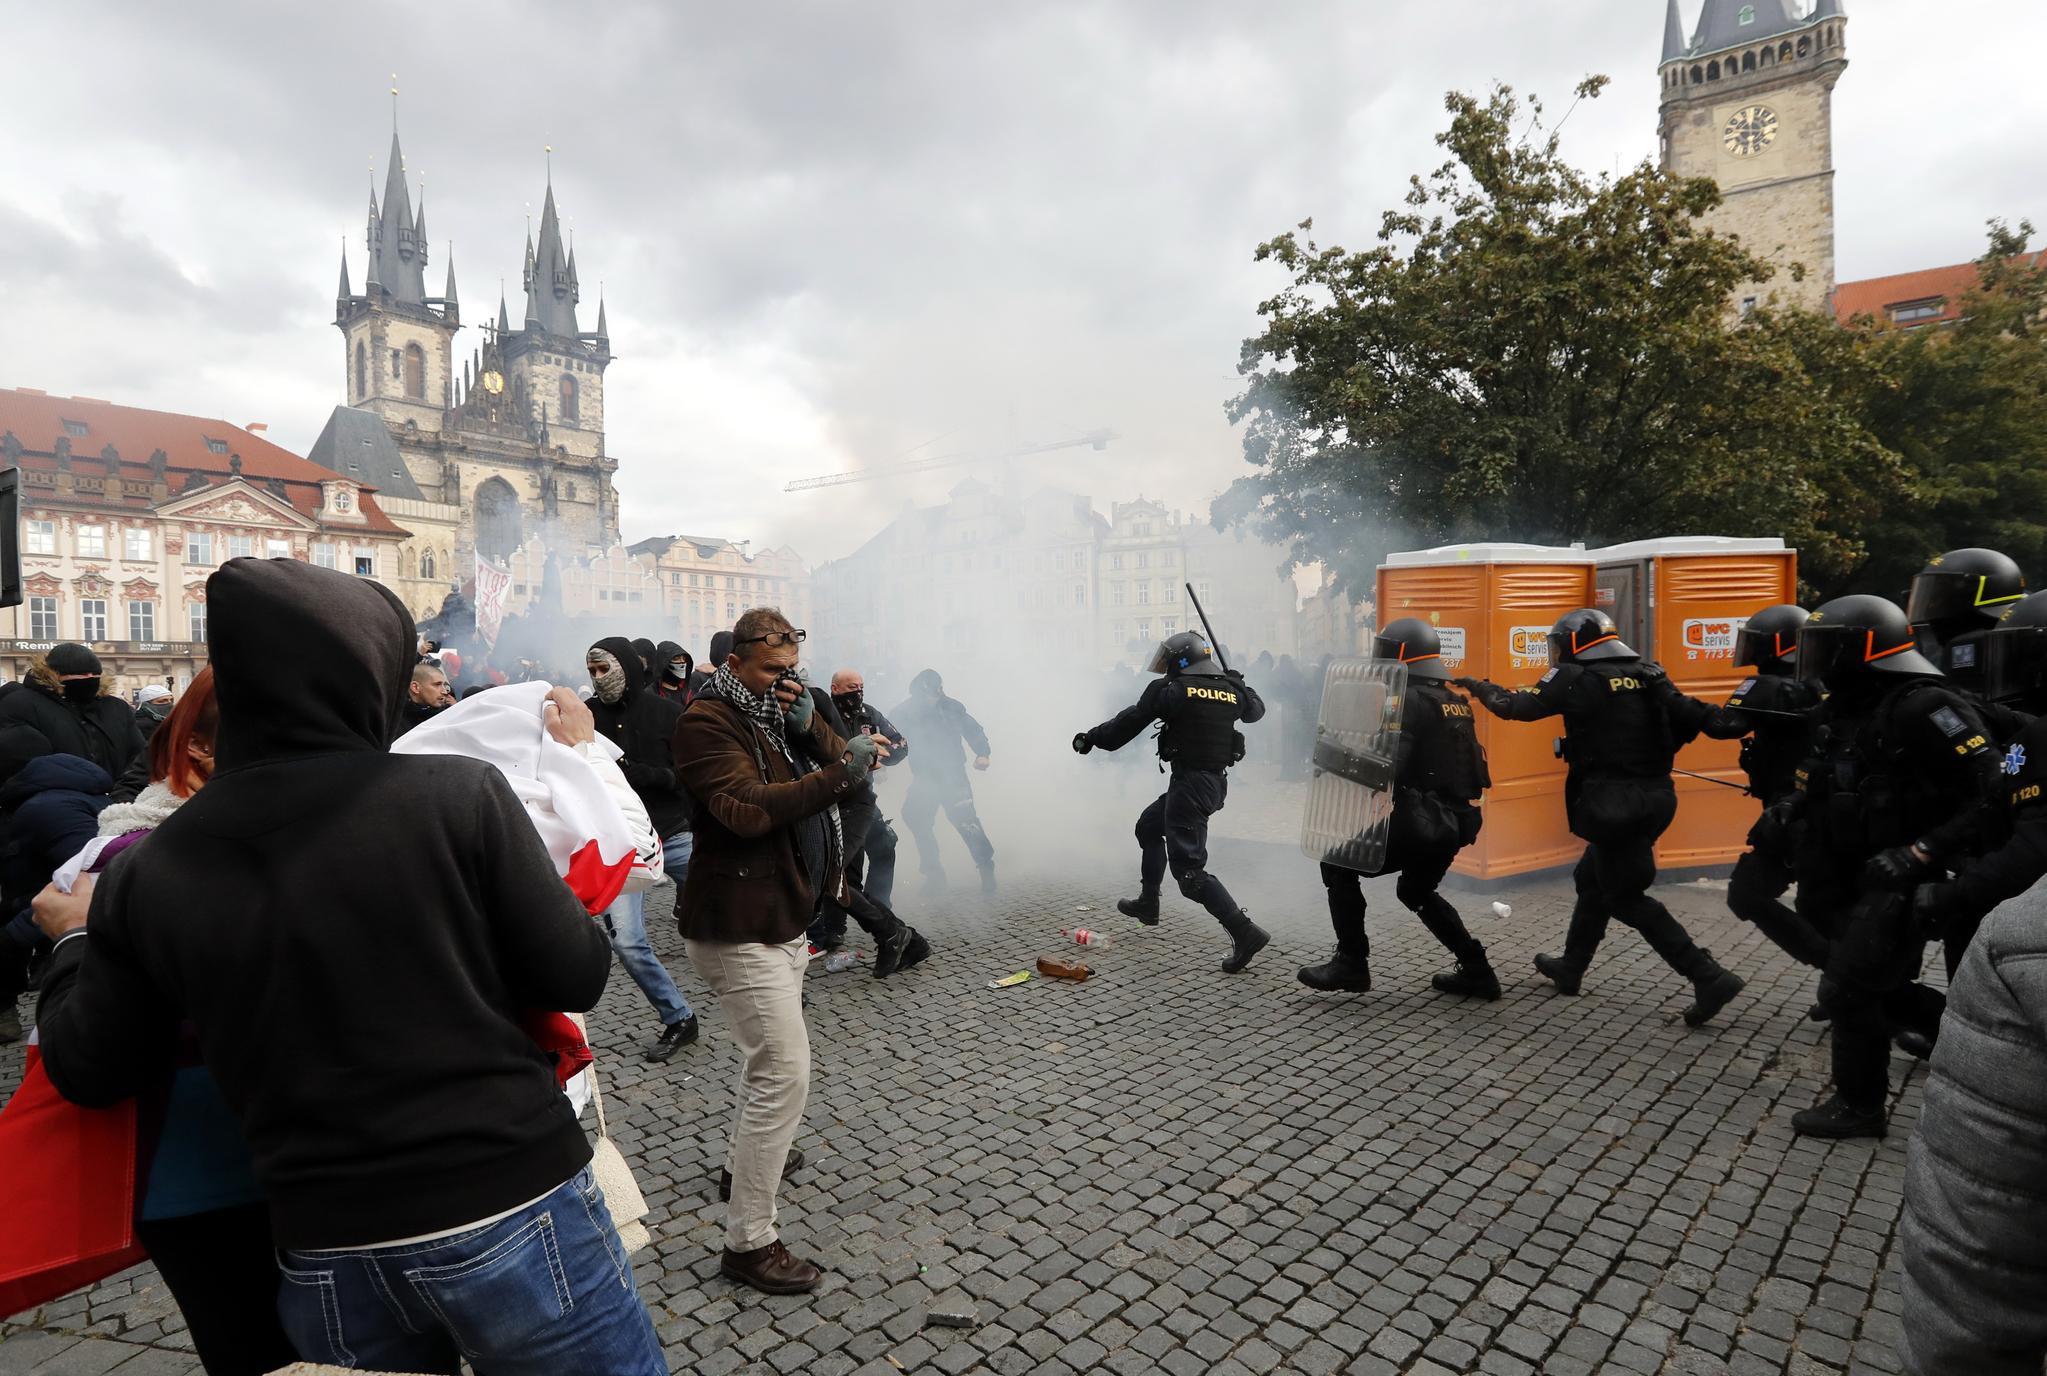 휴일인 18일(현지시간) 체코의 수도 프라하의 올드 타운에서 코로나 19 방역 봉쇄에 항의하는 시민들이 경찰과 충돌하고 있다. AP=연합뉴스